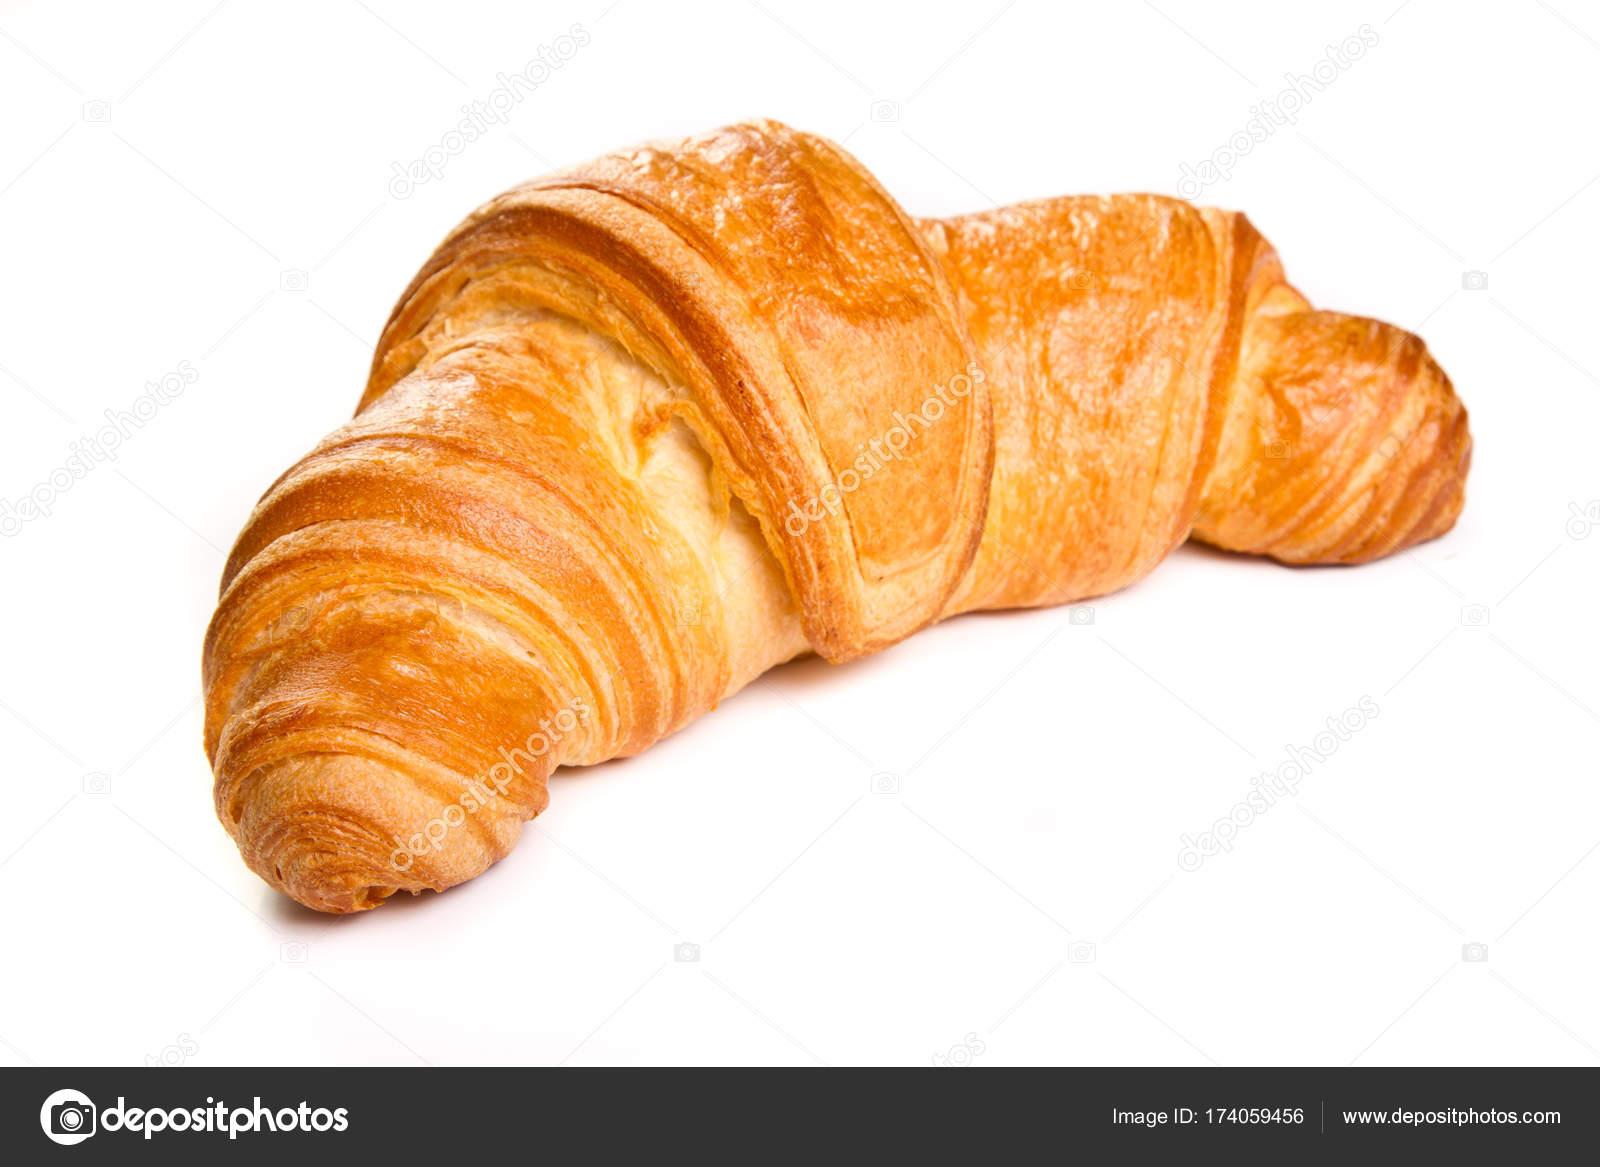 plain croissant on white background stock photo steauarosie